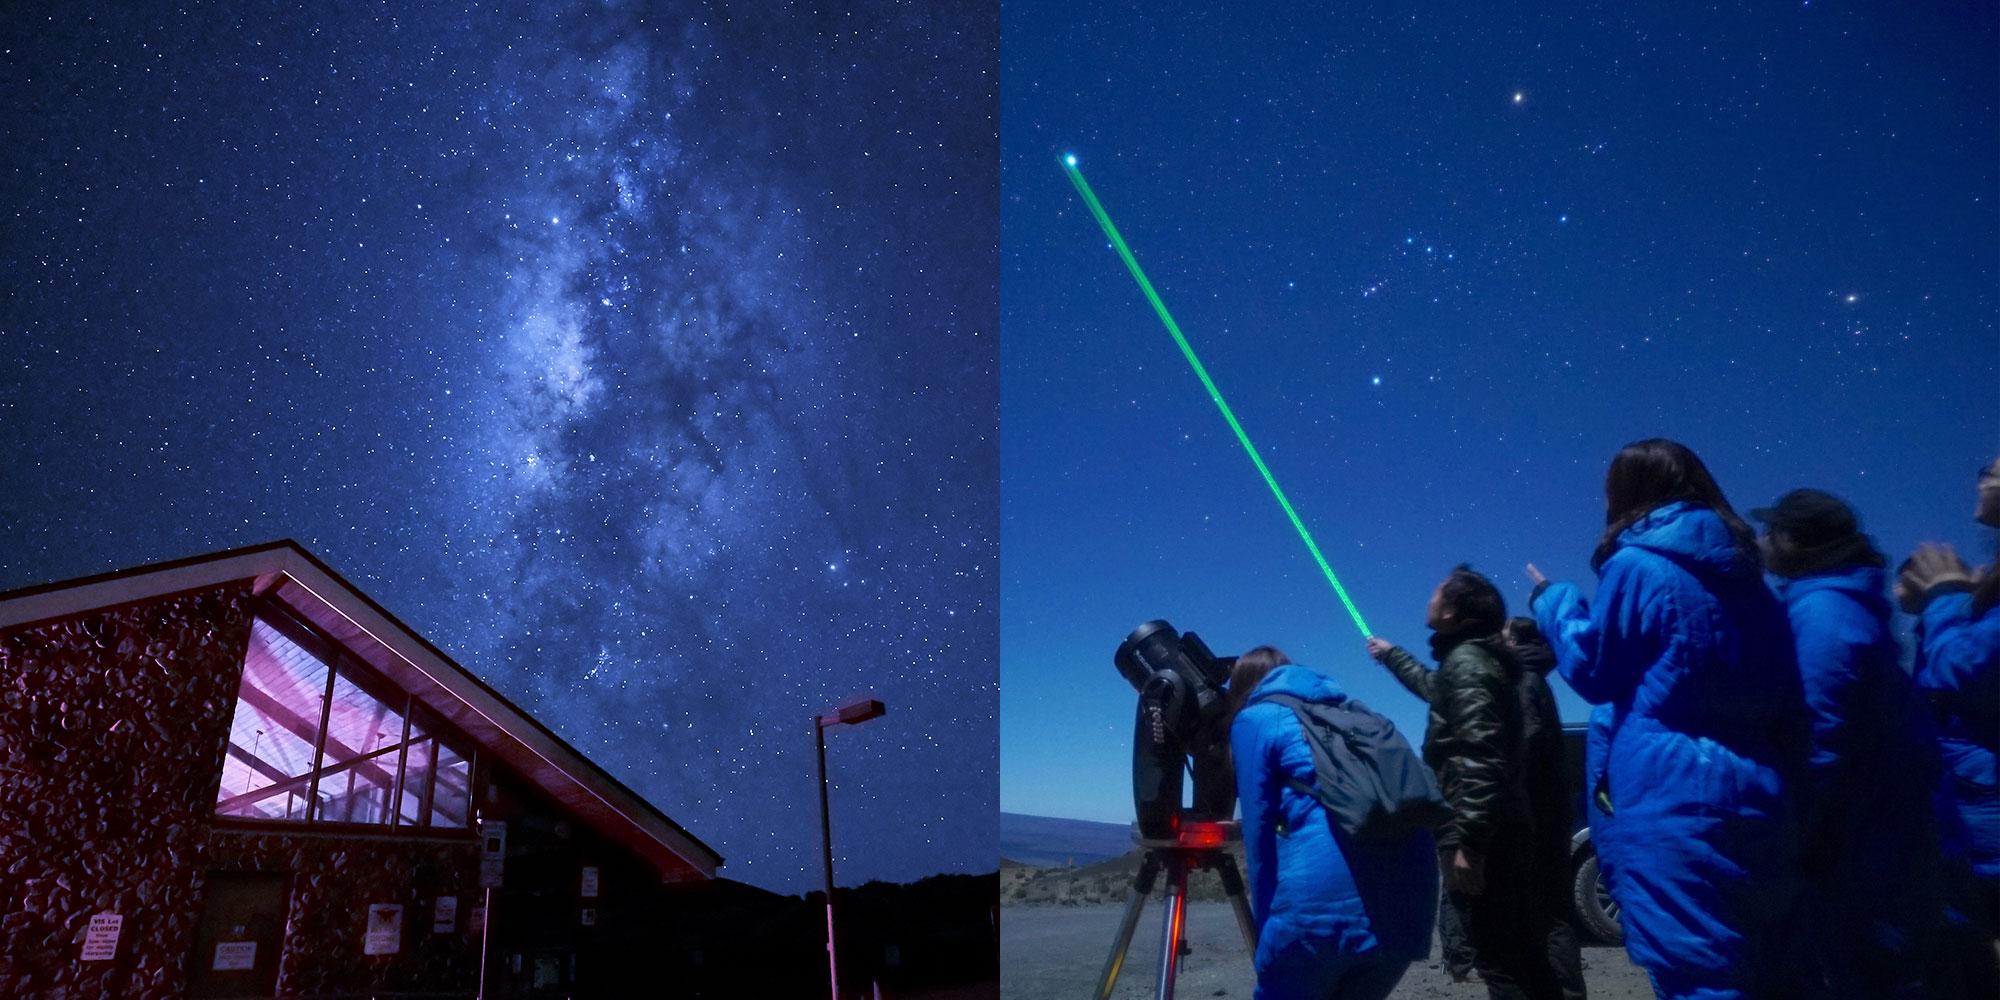 オニヅカビジターセンターで見るマウナケア星空観測ツアー